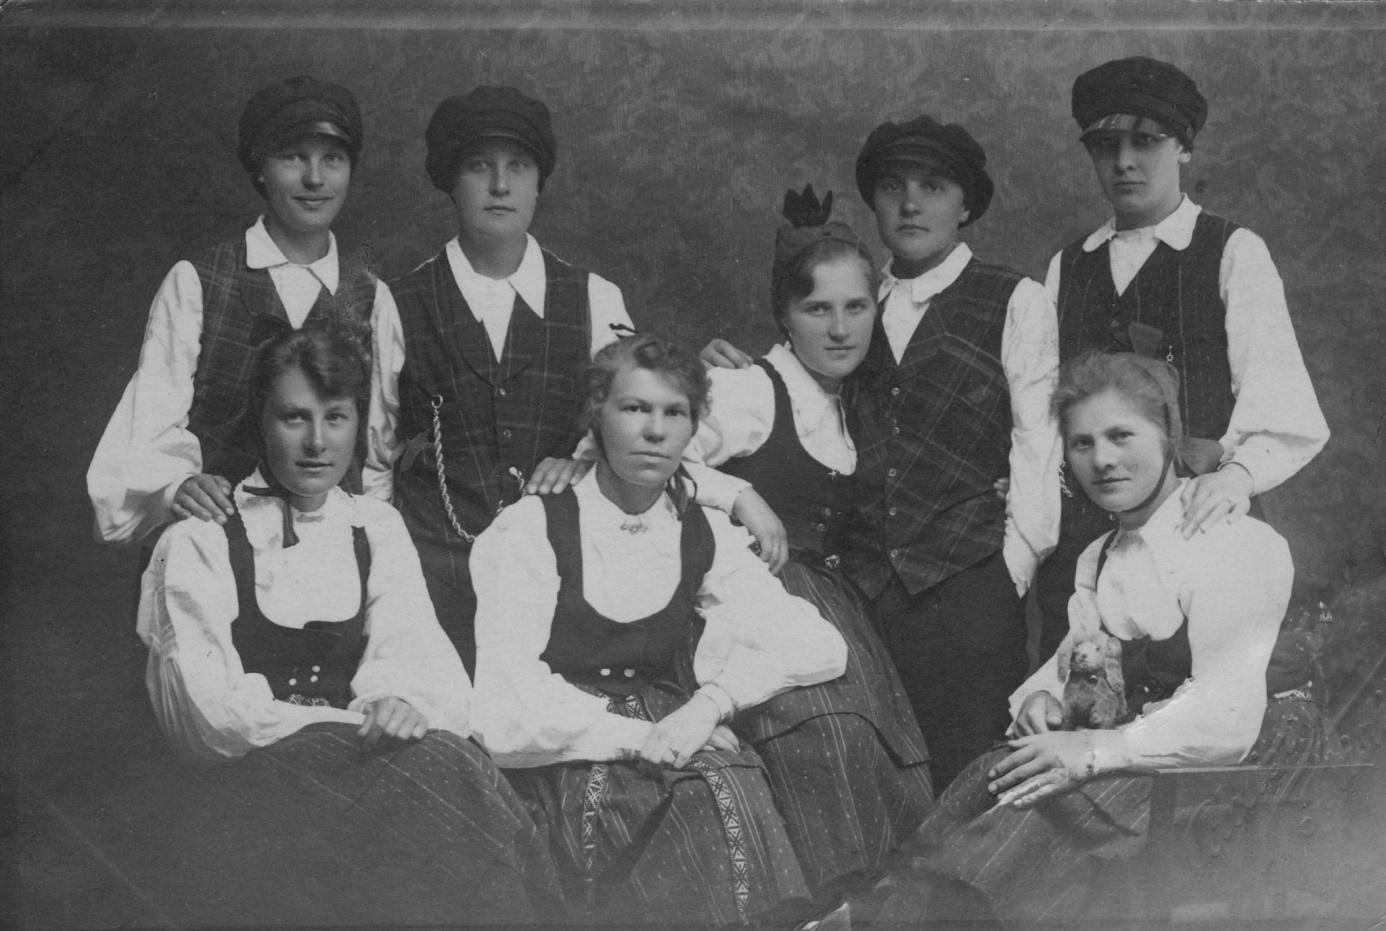 Stående från vänster Linnea Nyström, sedan Viktor Solfvins äldsta dotter Elna, Hellin Kaski och Cedy Svens. Sittande Gretel Hannus, Mia Nyström, okänd, Hildegard Söderlund.